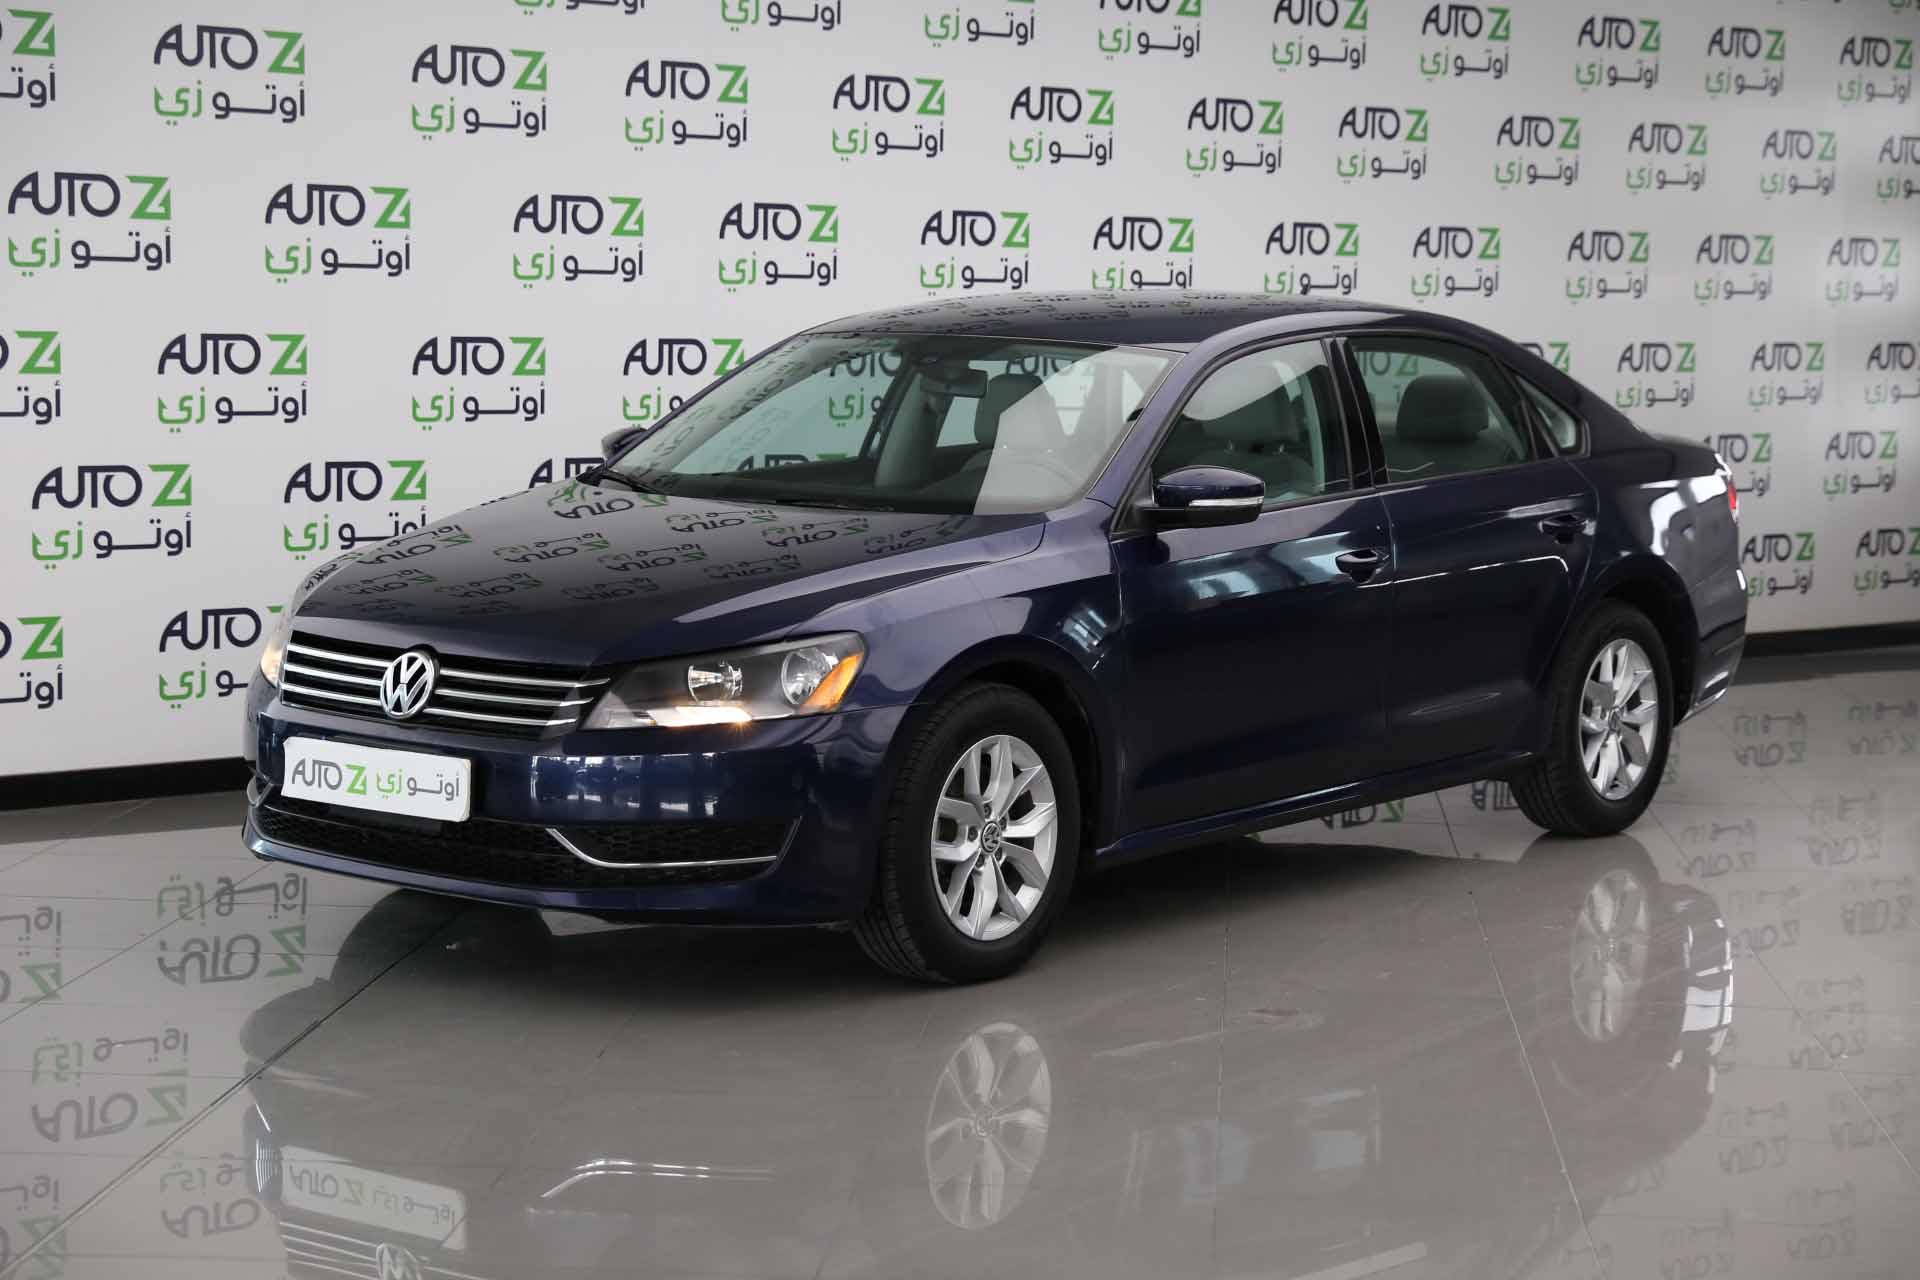 Volkswagen Passat SEL Dark-Blue -2013